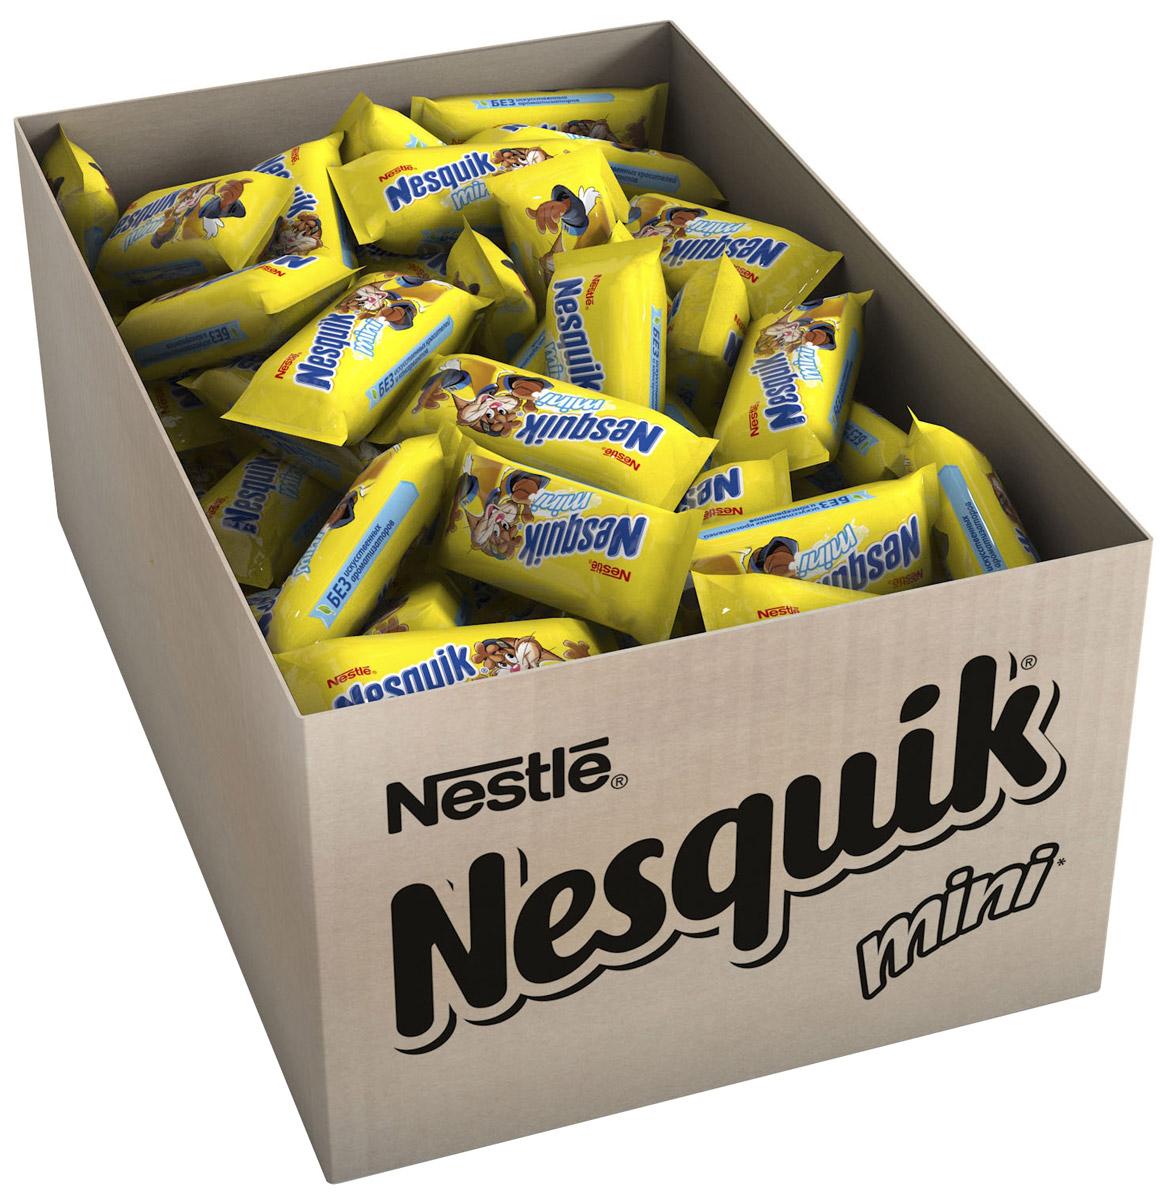 Nesquik Mini молочная начинка, 2 кг5060295130016Конфета с нугой, молочной начинкой. Отличное лакомство для вашего непоседы, чтобы:- наслаждаться каждый день- поделиться с друзьями- взять с собой.